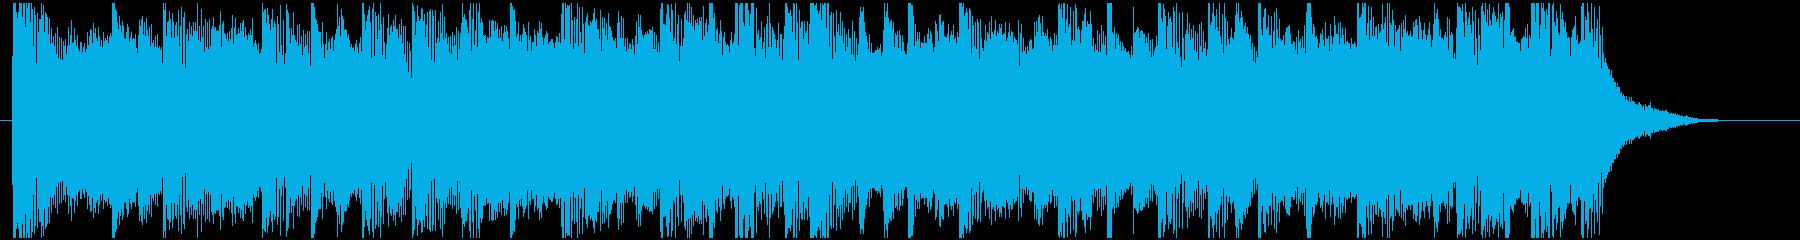 ハロウィン 不気味 トラップ 短めの再生済みの波形